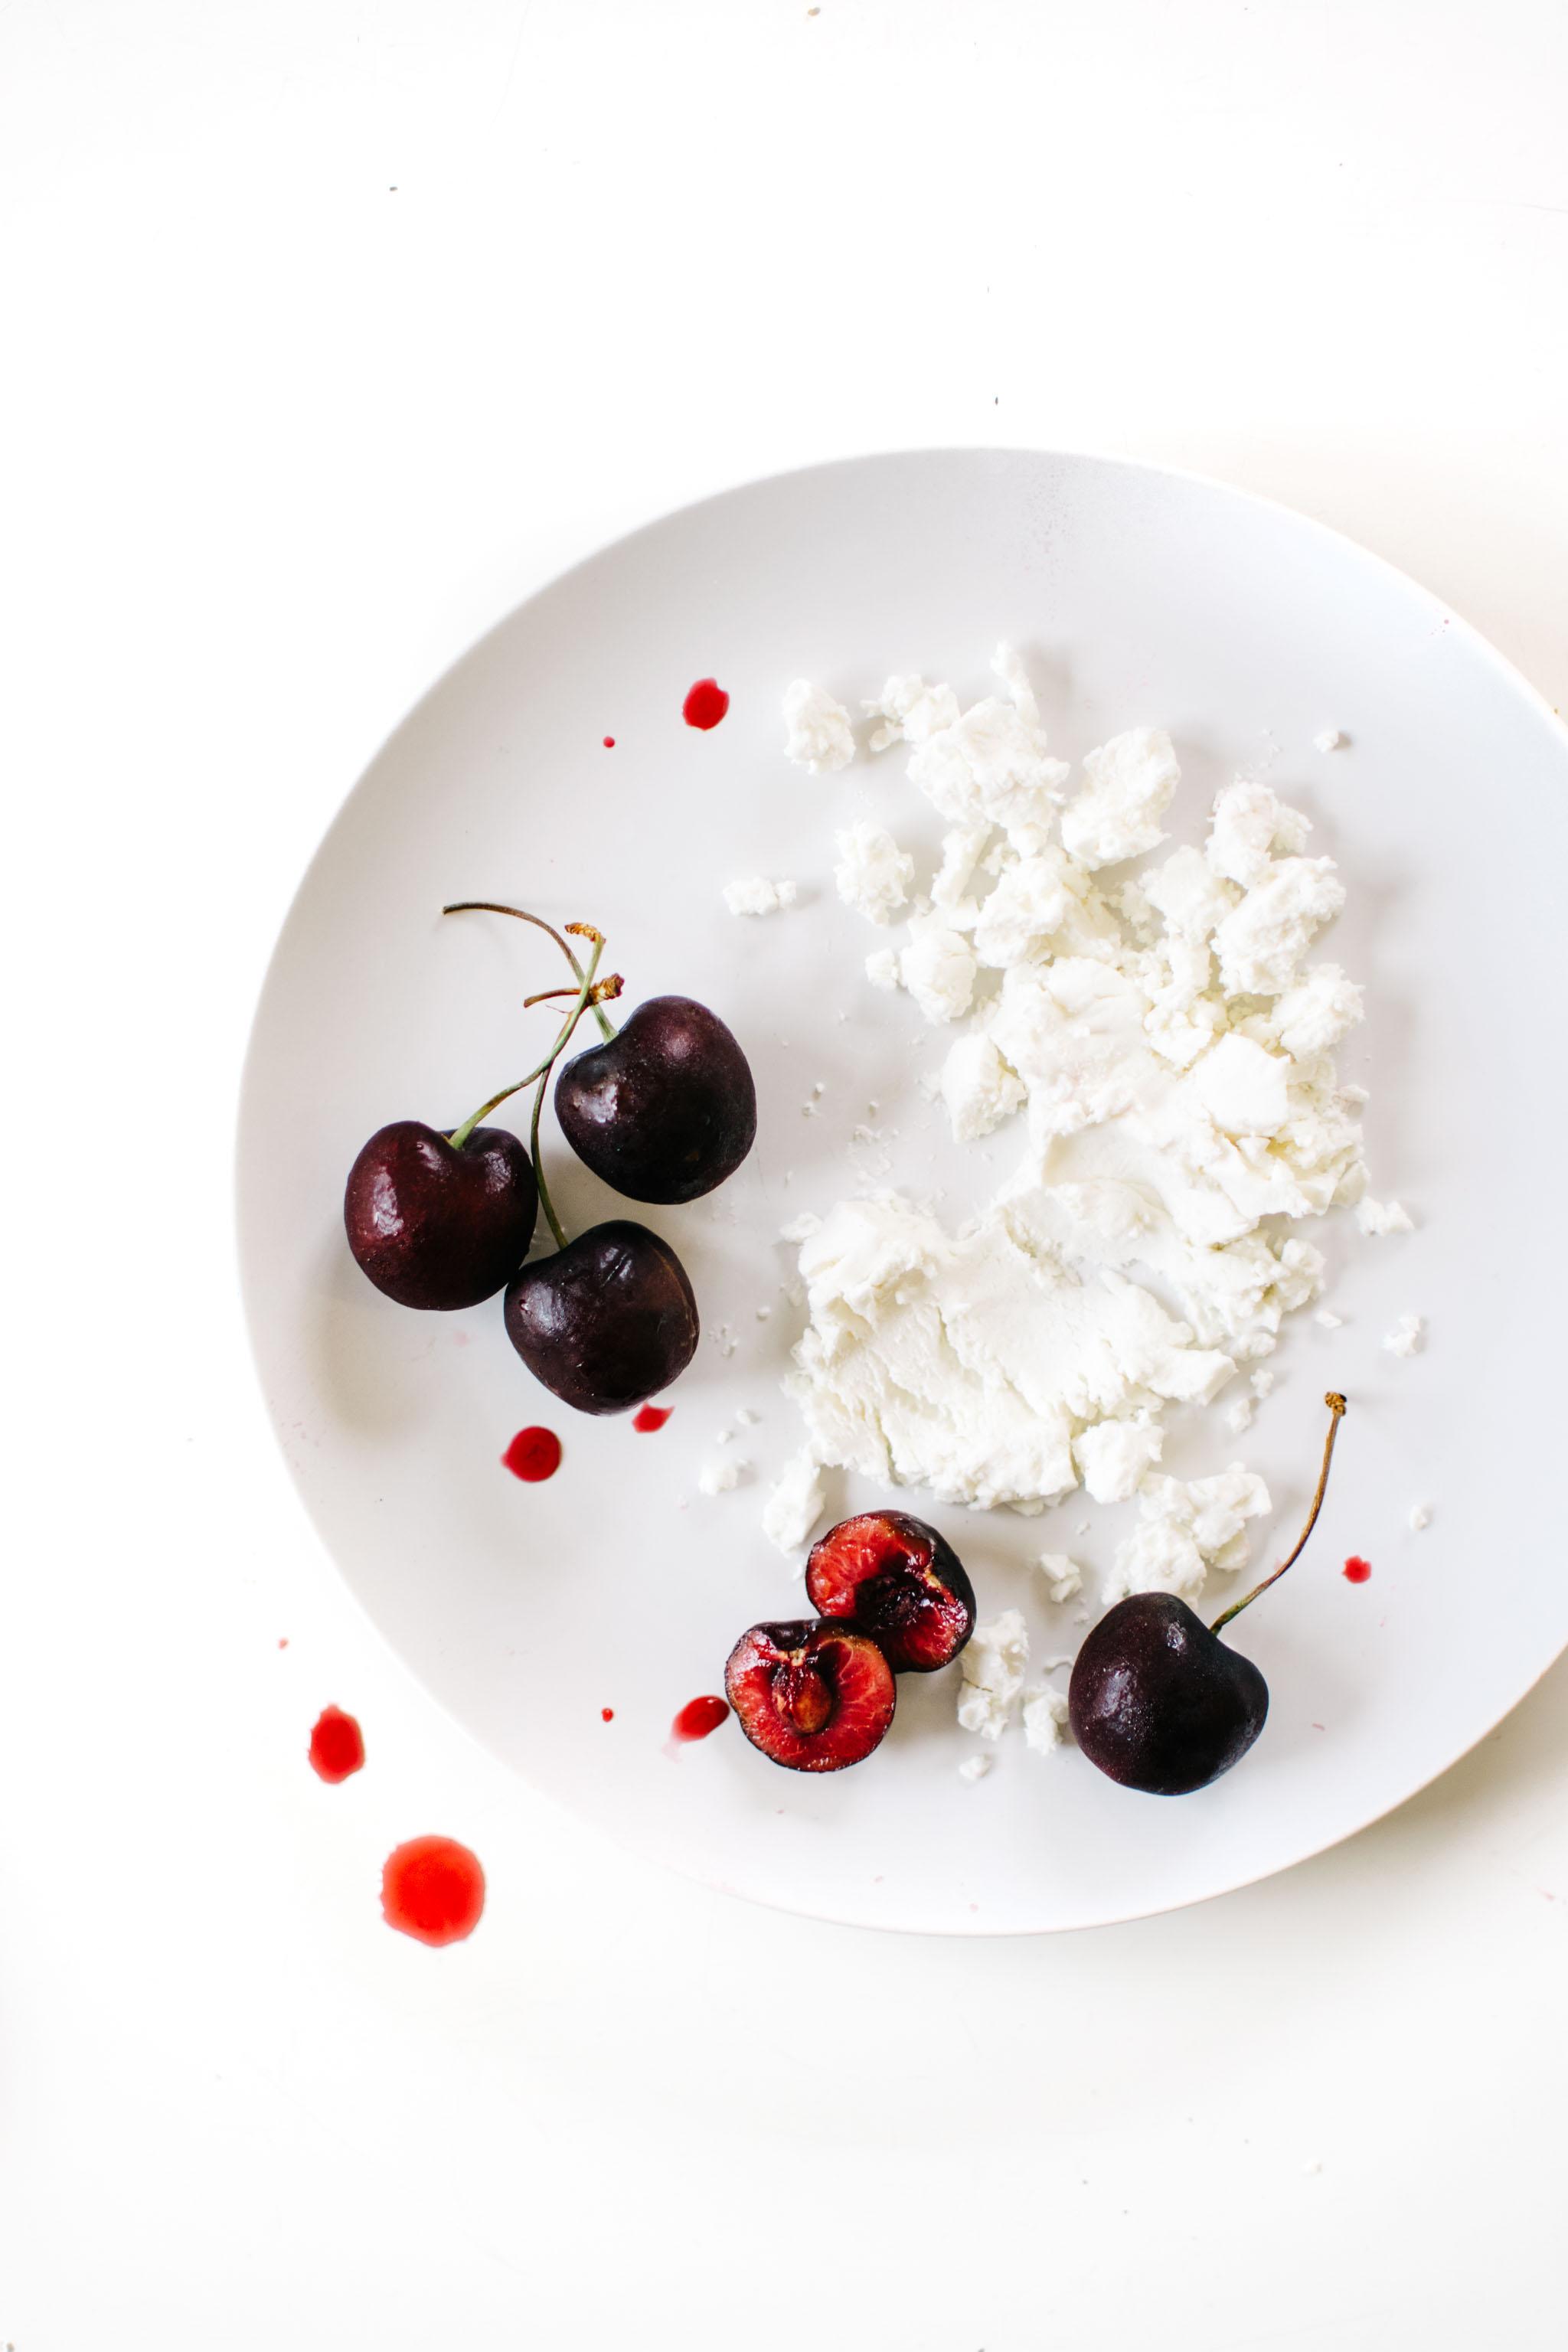 Chèvre Cherry Buttermilk Ice Cream